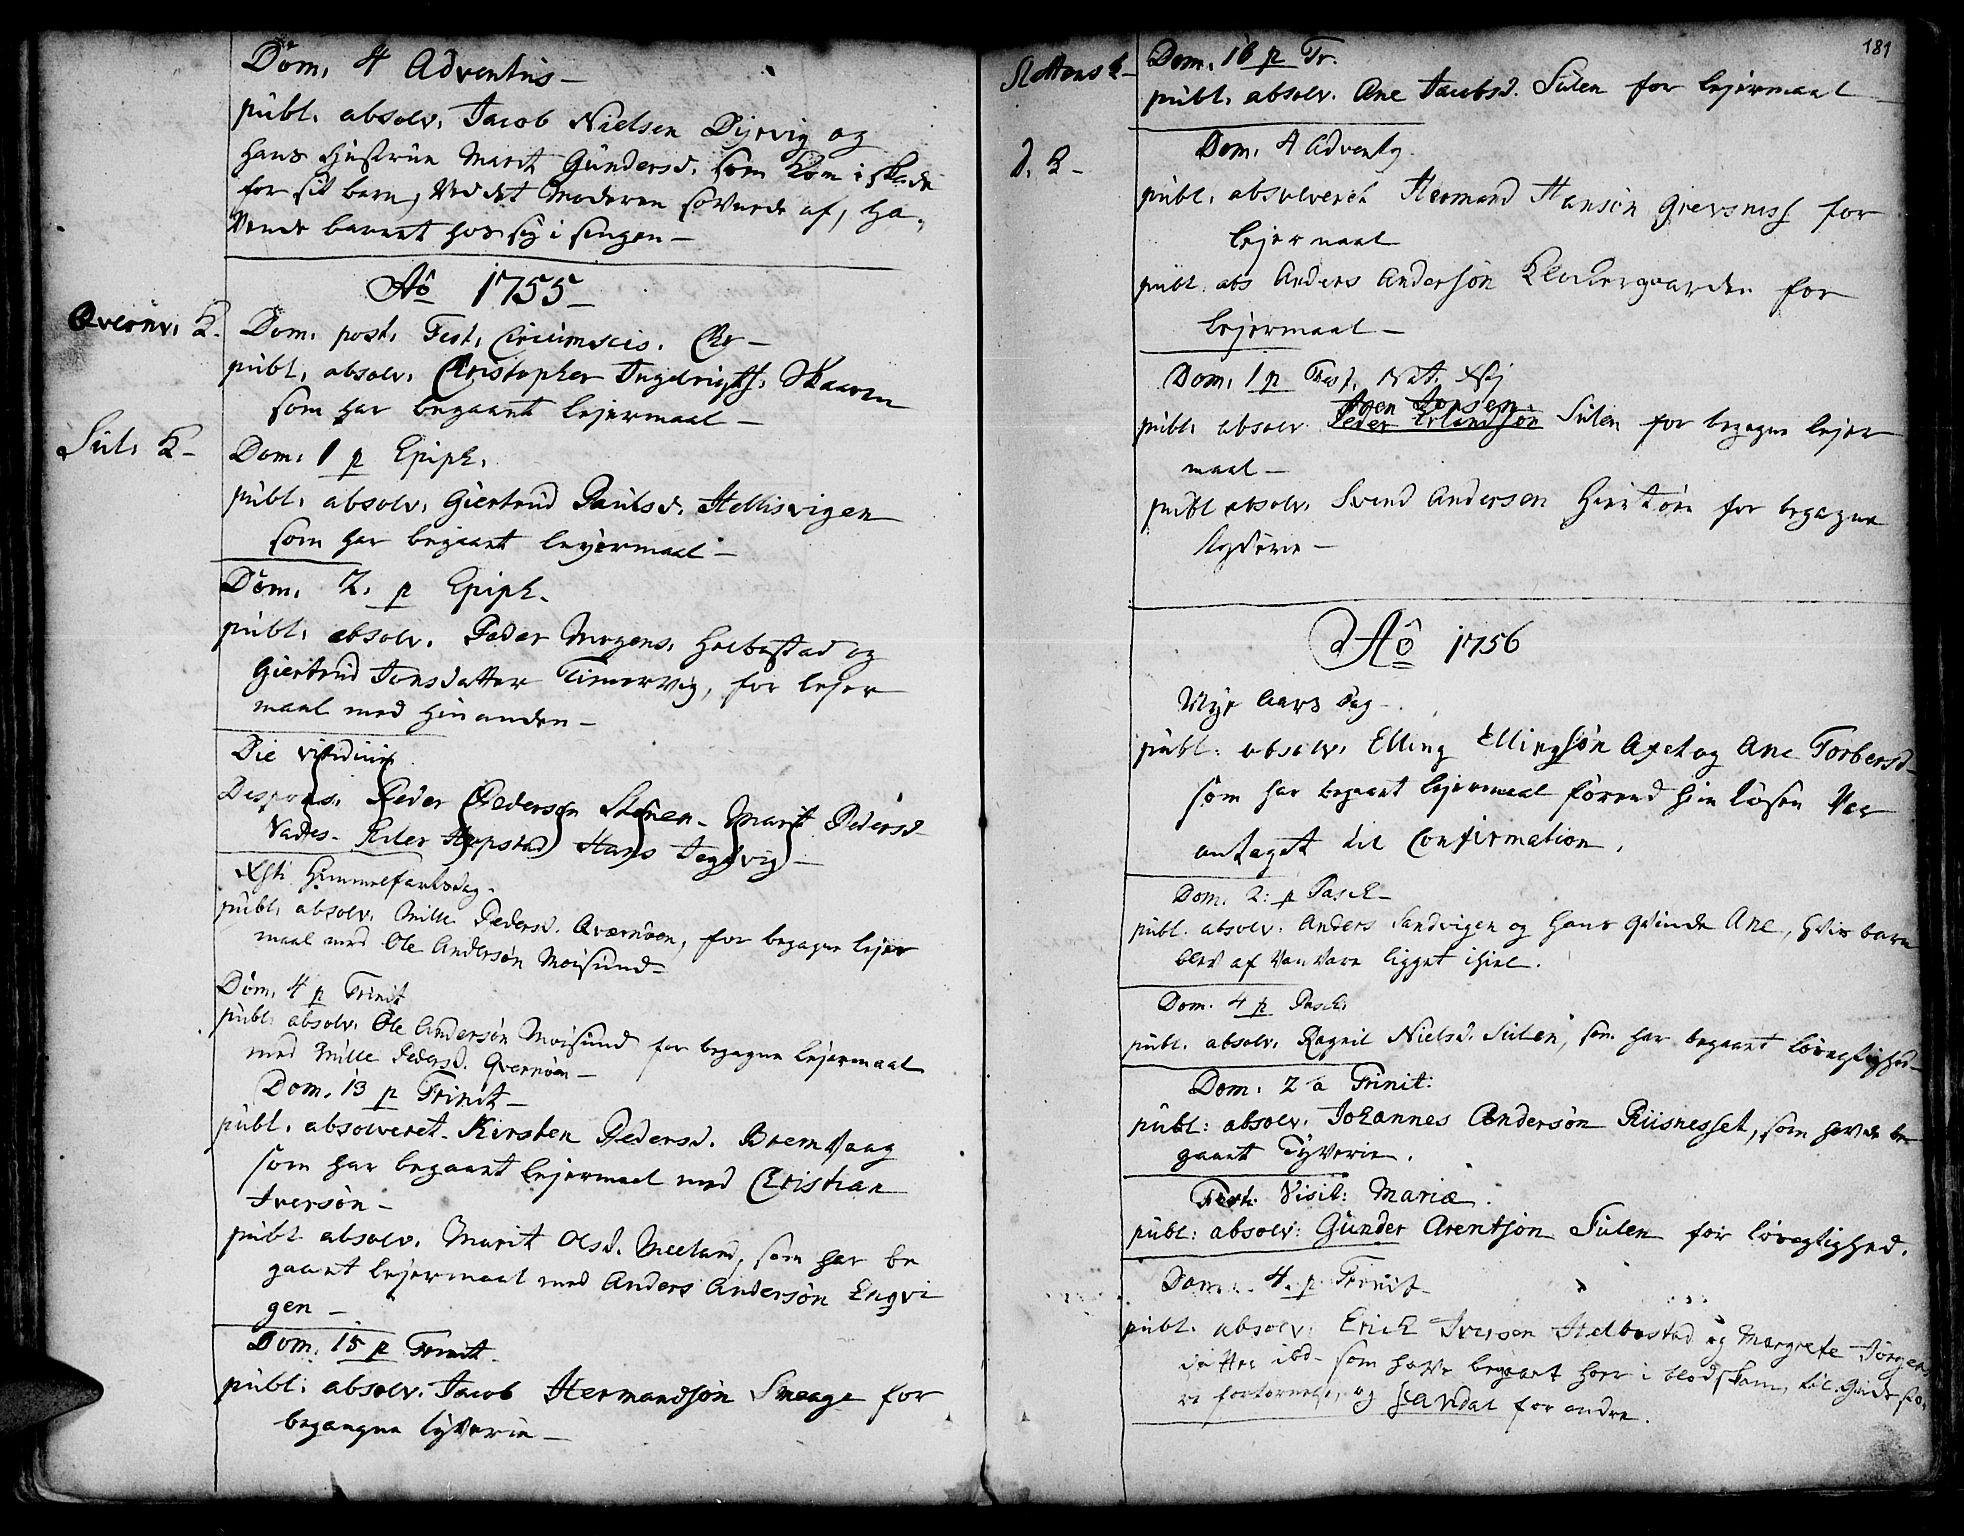 SAT, Ministerialprotokoller, klokkerbøker og fødselsregistre - Sør-Trøndelag, 634/L0525: Ministerialbok nr. 634A01, 1736-1775, s. 181